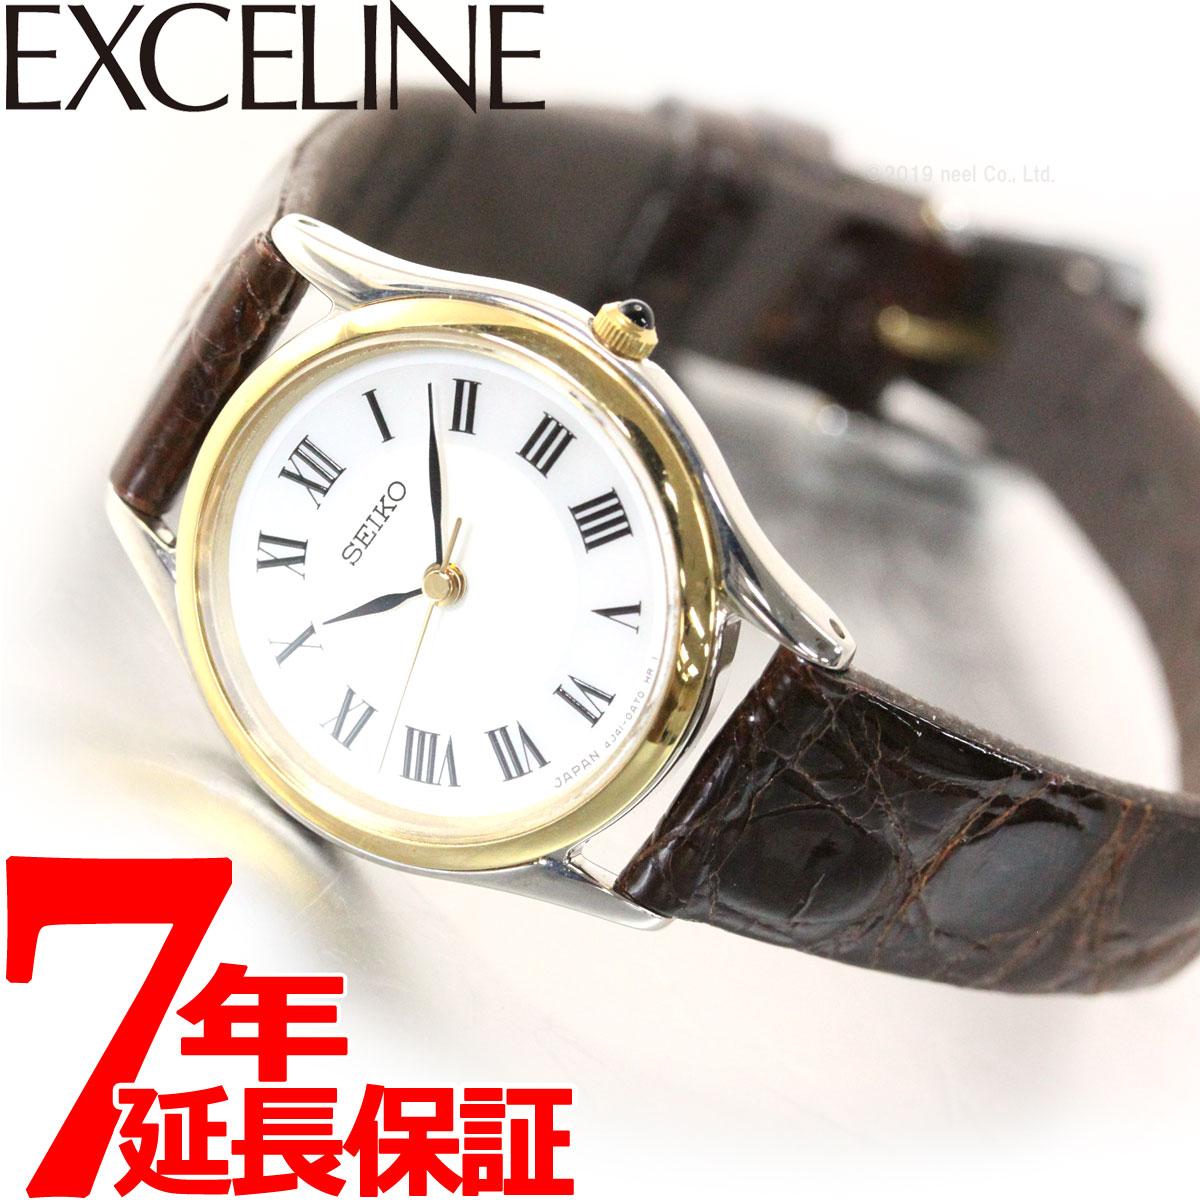 腕時計, レディース腕時計 2502000OFF51252359 SEIKO DOLCEEXCELINE SWDL162